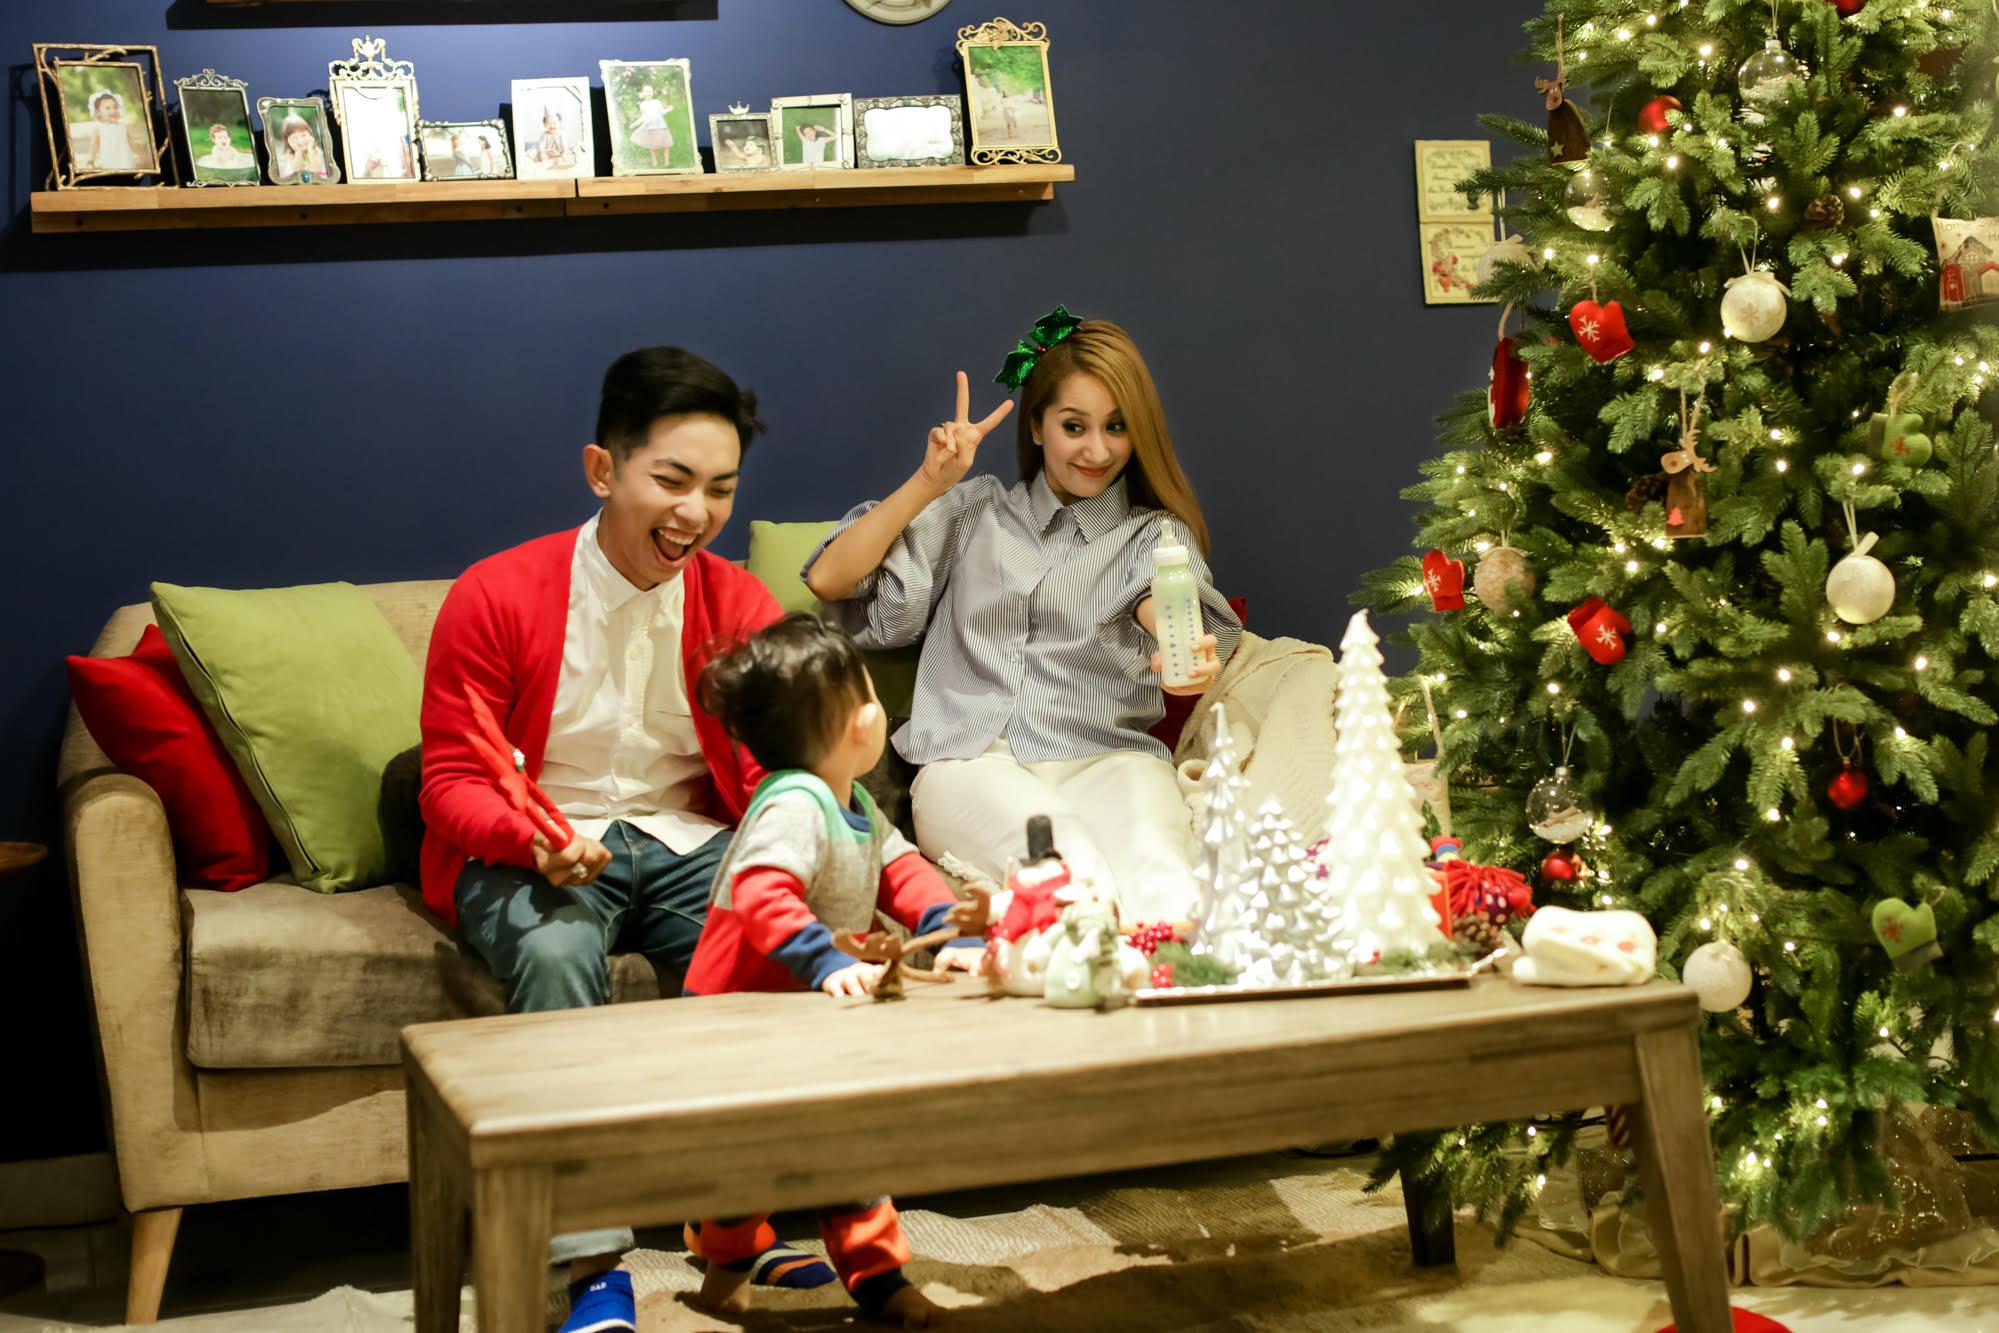 Giáng sinh đừng quên gửi tới những người thân trong gia đình lời chúc bình an, hạnh phúc